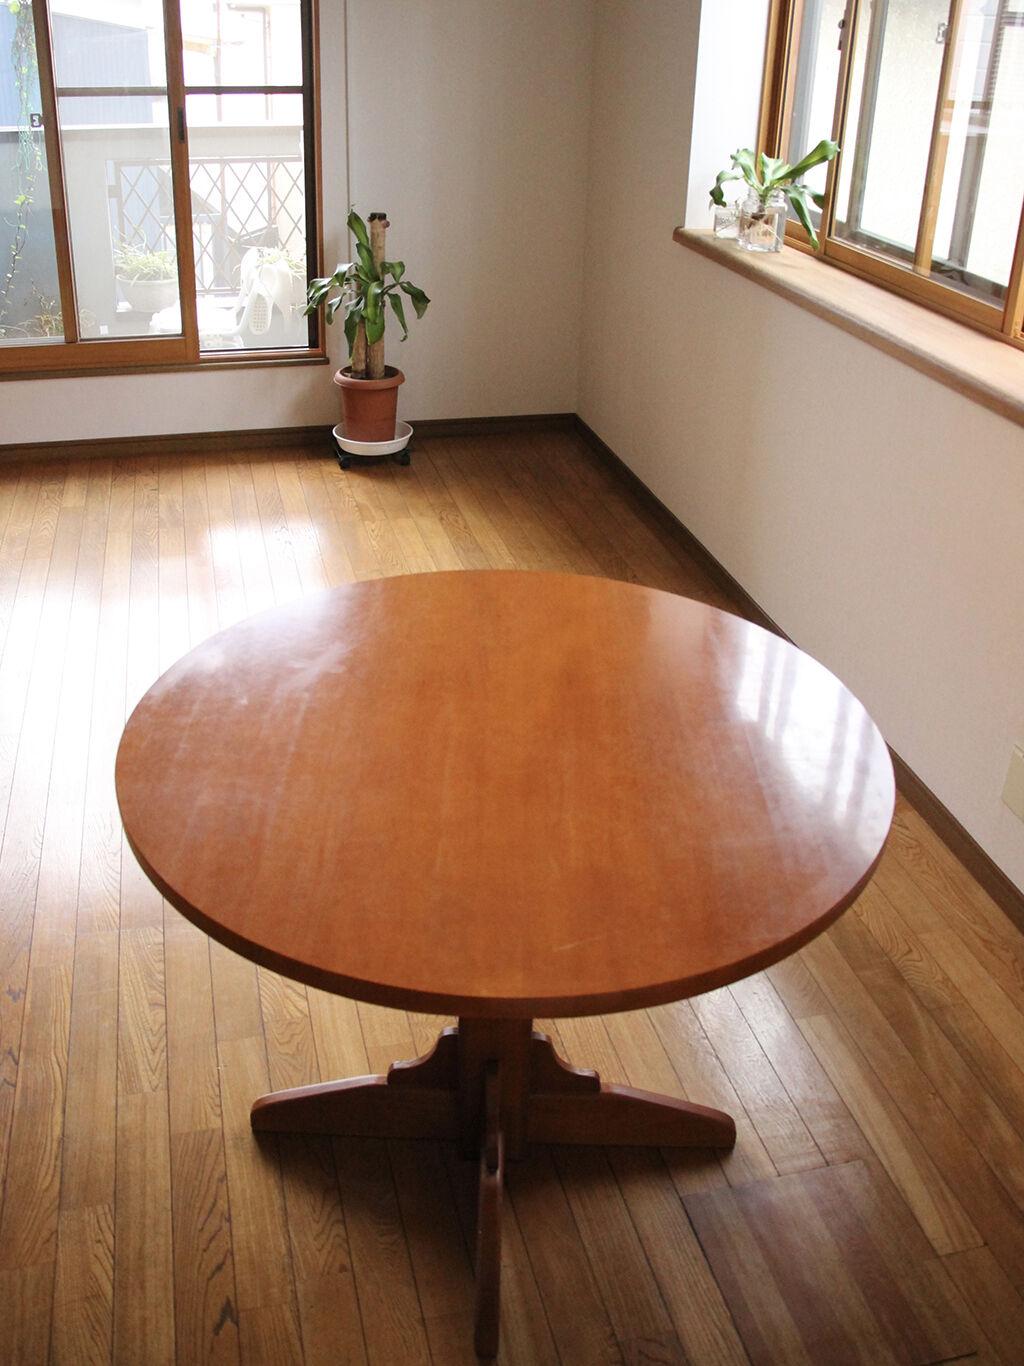 お部屋の雰囲気にもぴったりのリメイクダイニングテーブル